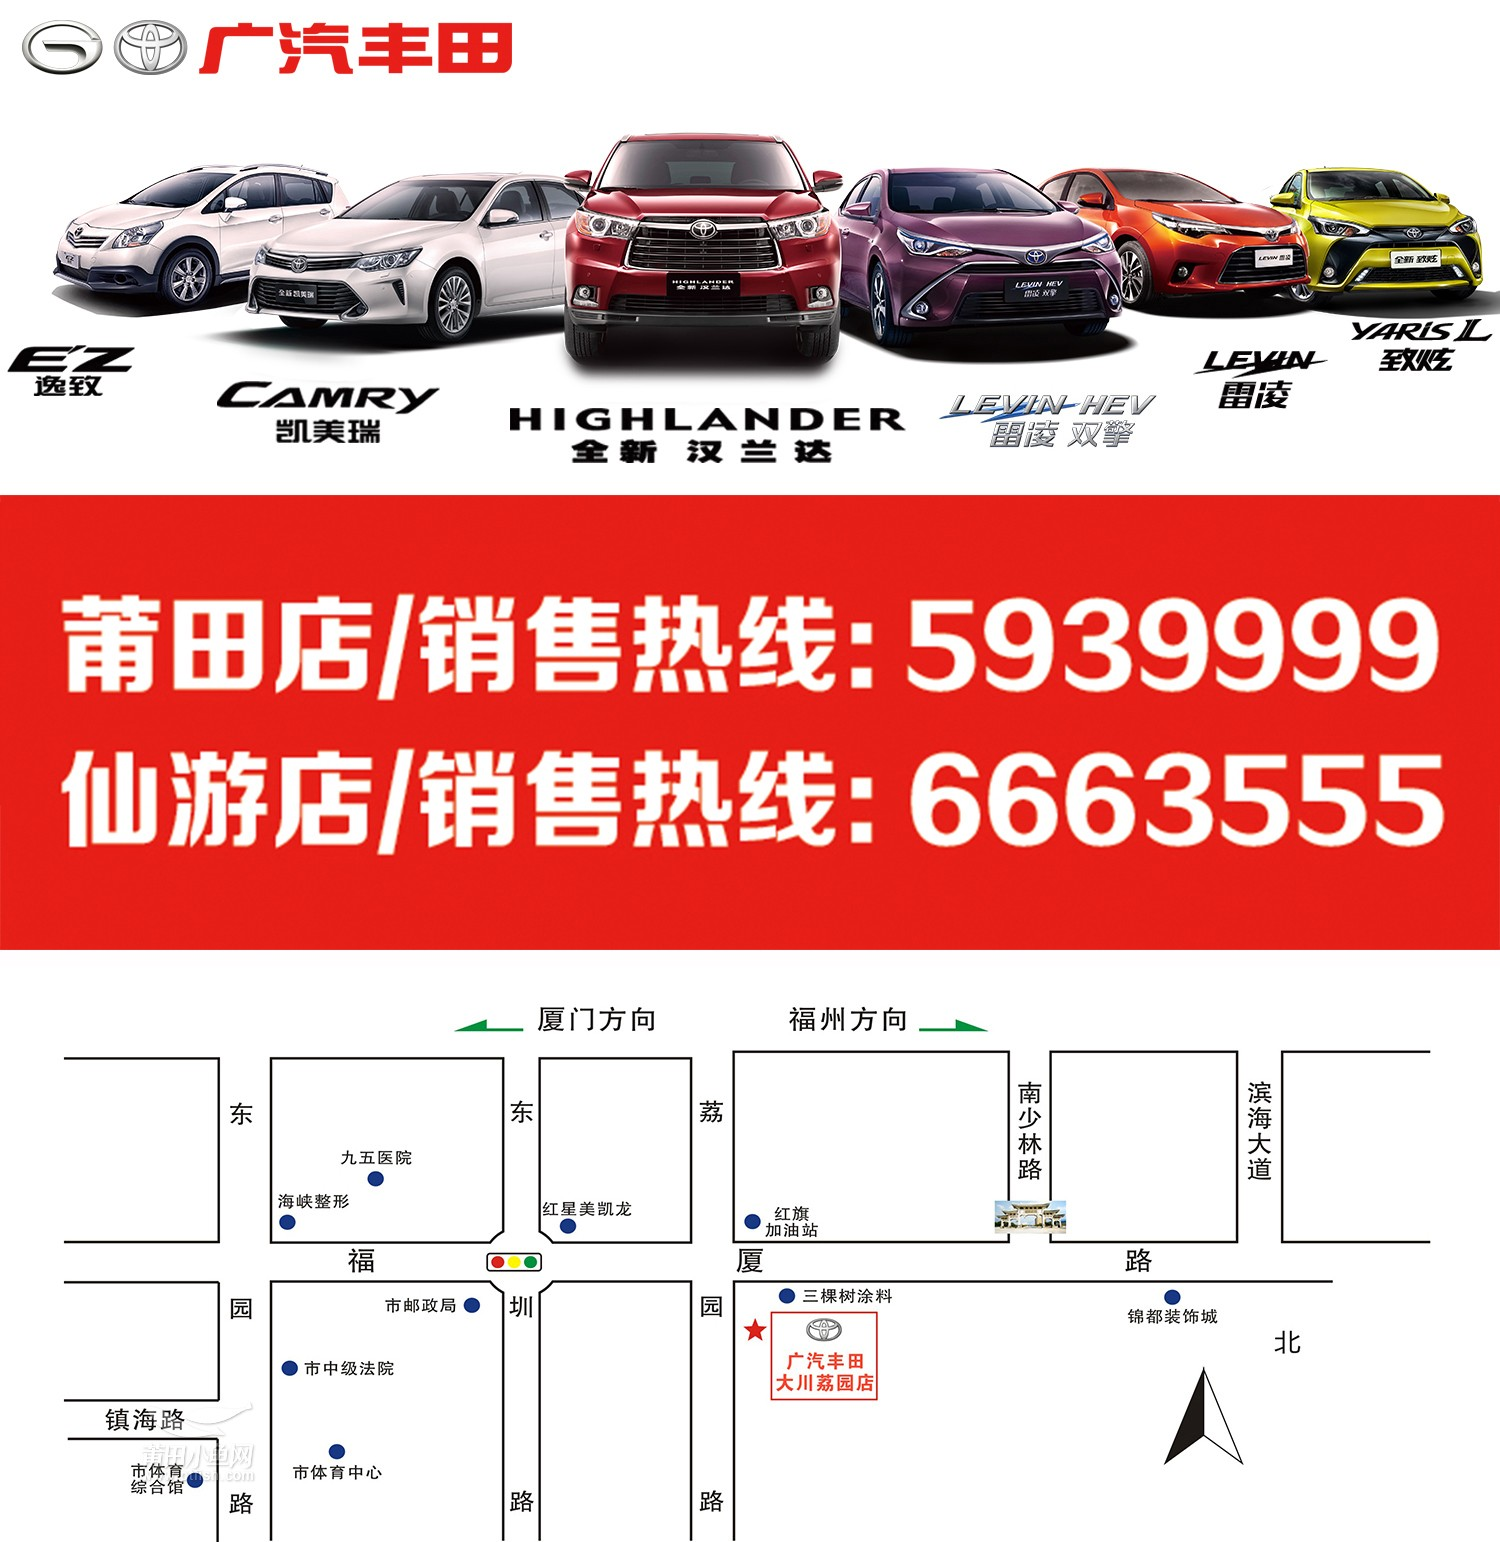 全车型图4.jpg